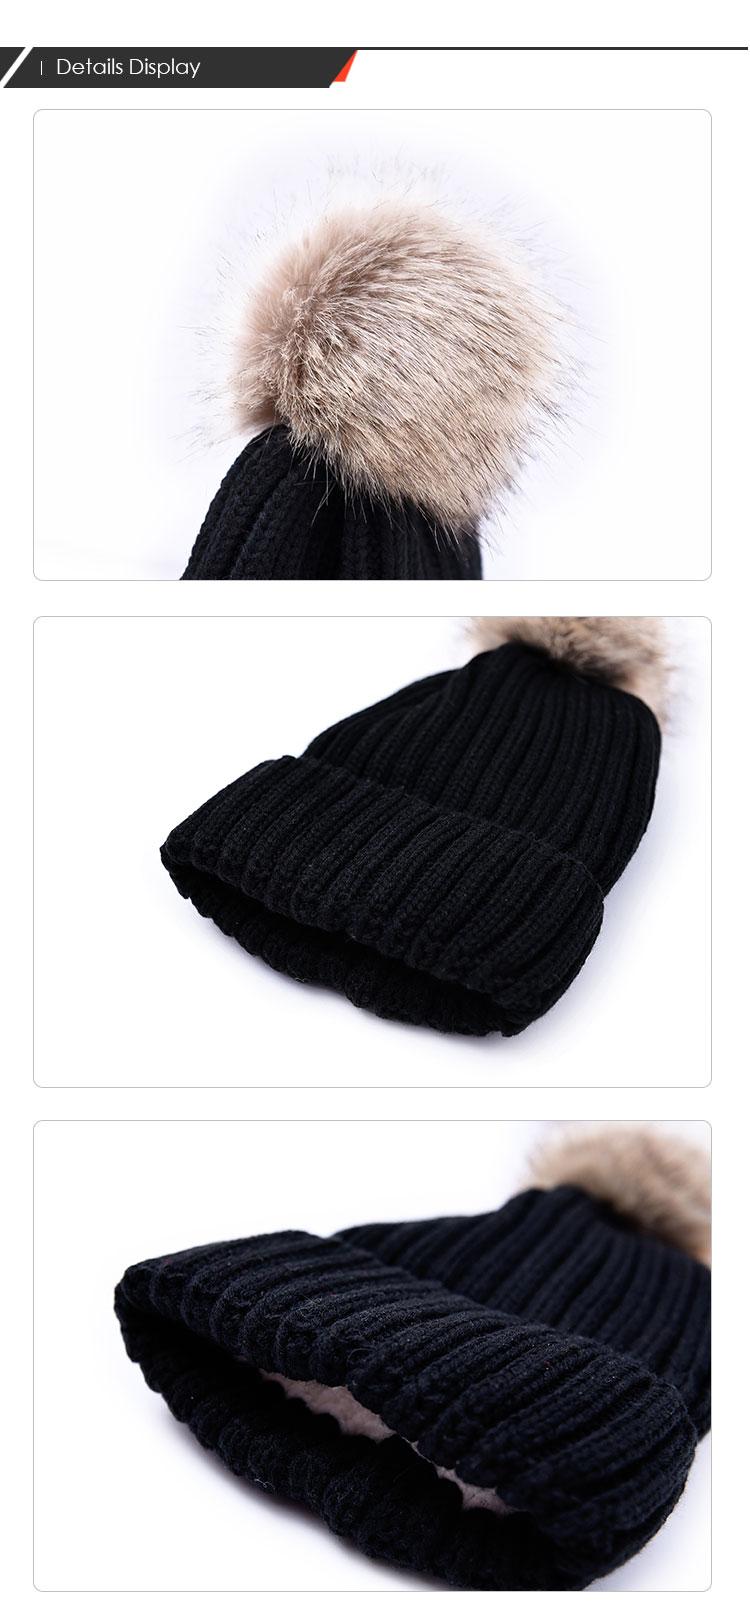 Toptan üretici özel Bere pom-pom şapka ile sahte rakun kürk kayak şapkası kış şapka